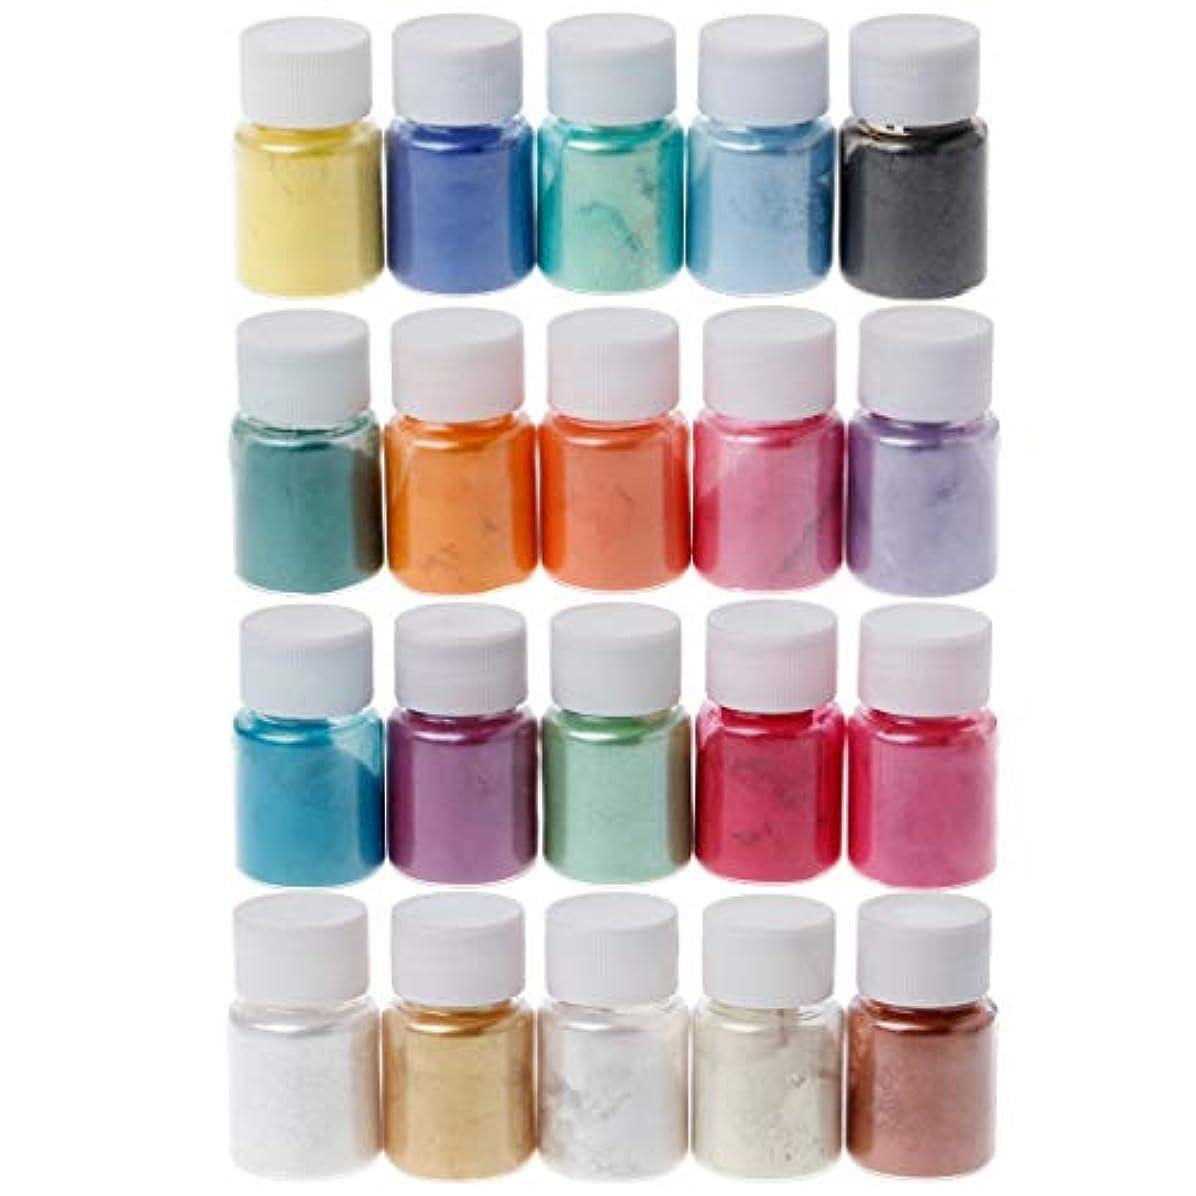 請求書百万理論ジャッキーパールパウダー(最後)20色マイカパウダーエポキシ樹脂染料パール顔料天然マイカミネラルパウダー